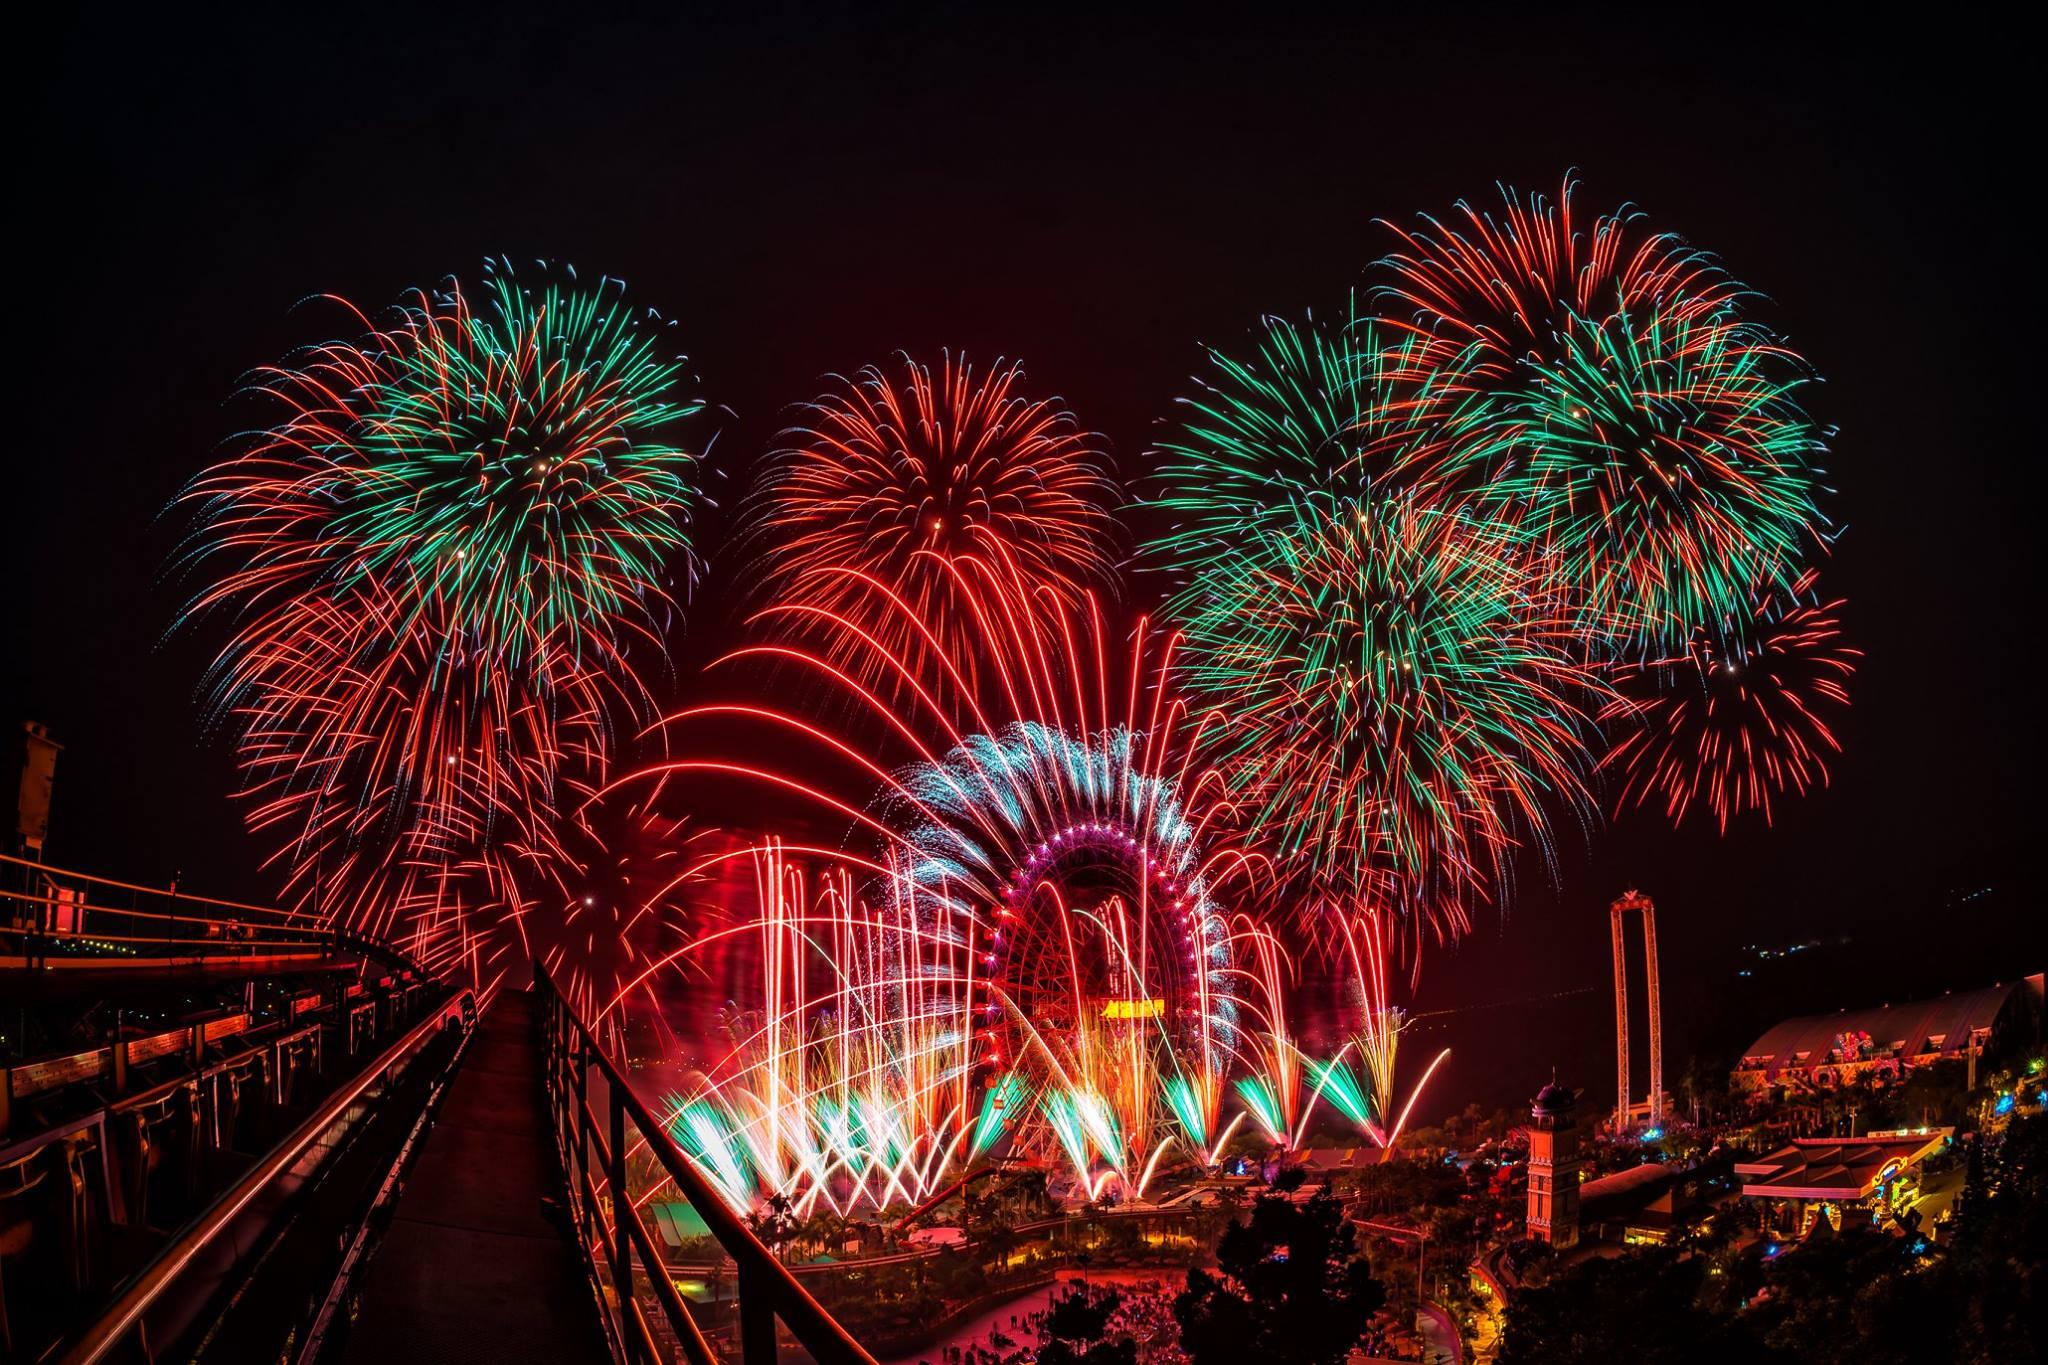 每年最令人期待的重頭戲就是跨年煙火秀,為2019畫上完美的句點,迎來嶄新的一年。圖/劍湖山世界臉書粉絲專頁